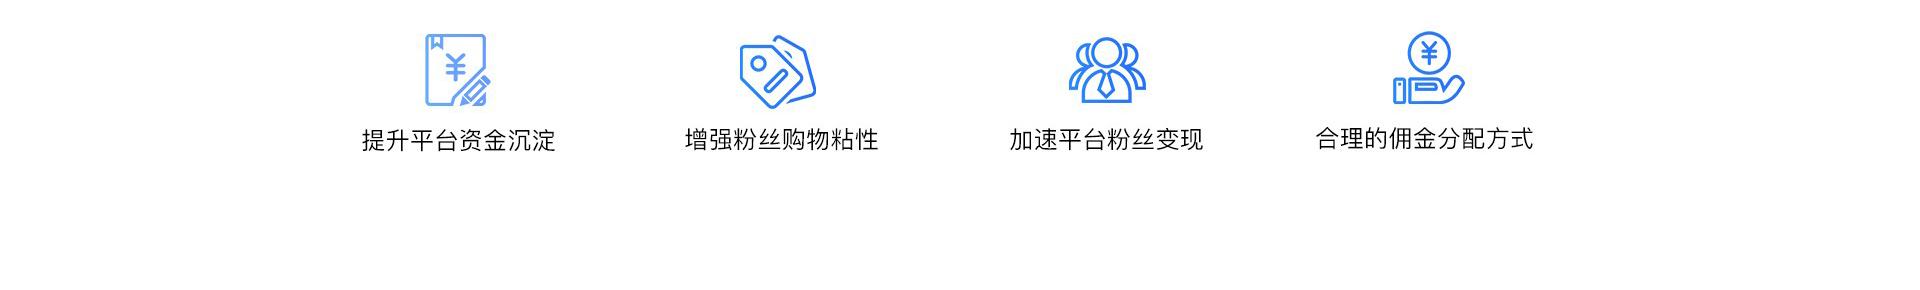 淘客APP开发|公众号|小程序-淘客云淘客返利APP软件开发商